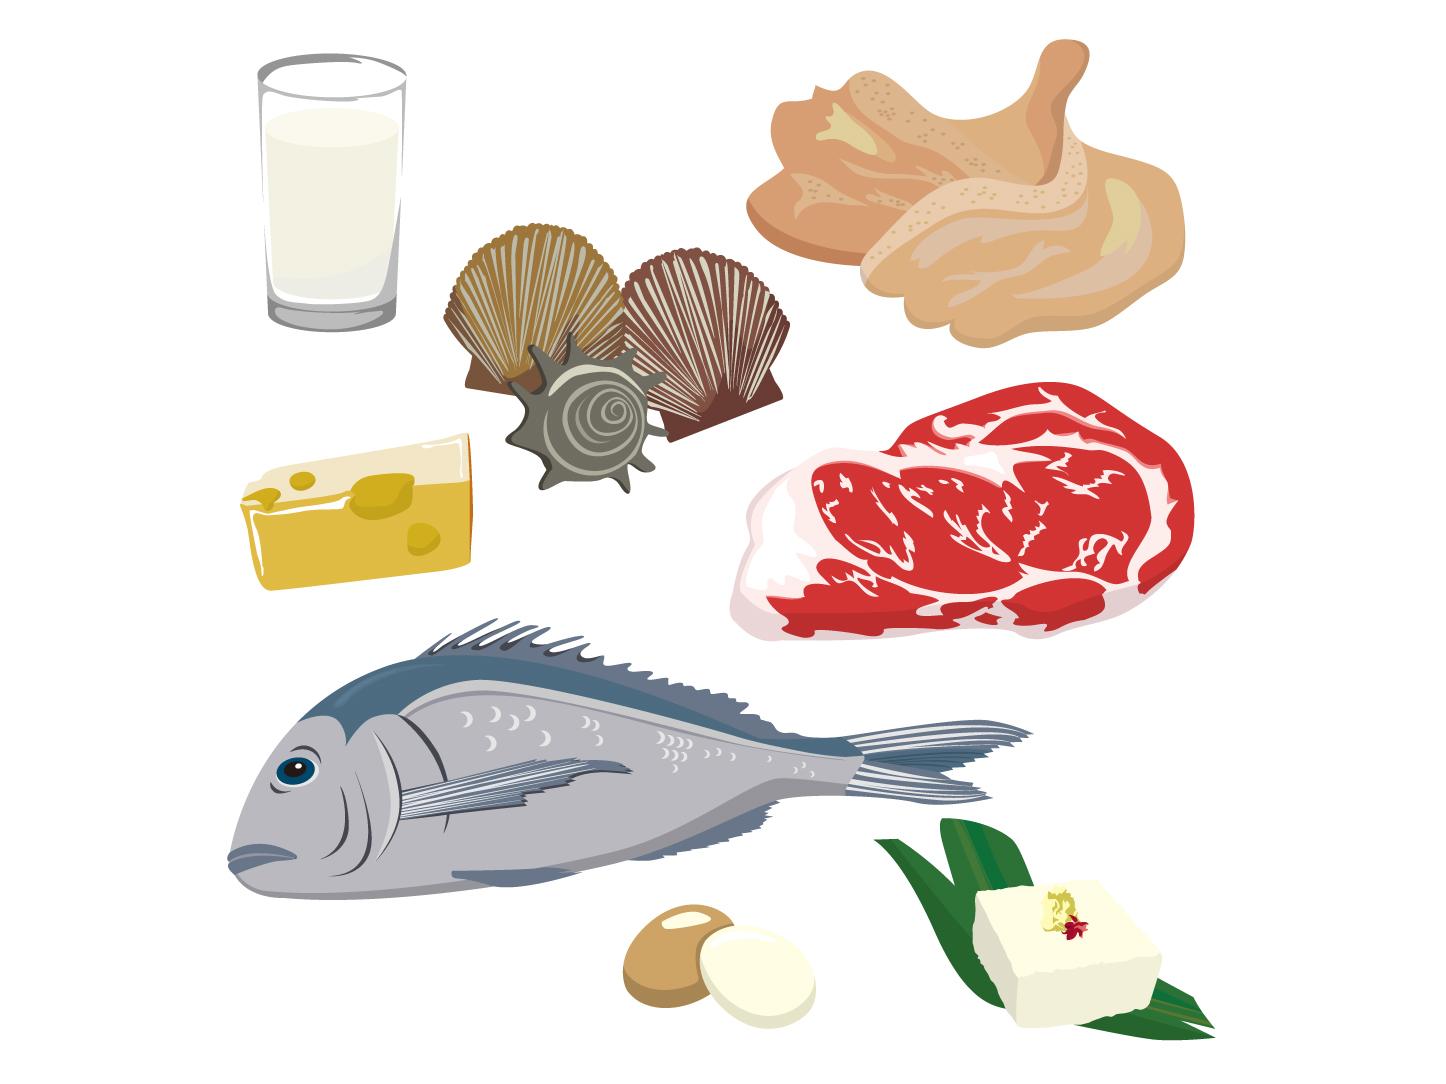 口内炎の原因はビタミン不足?口内炎に効くビタミンと食べ物は?